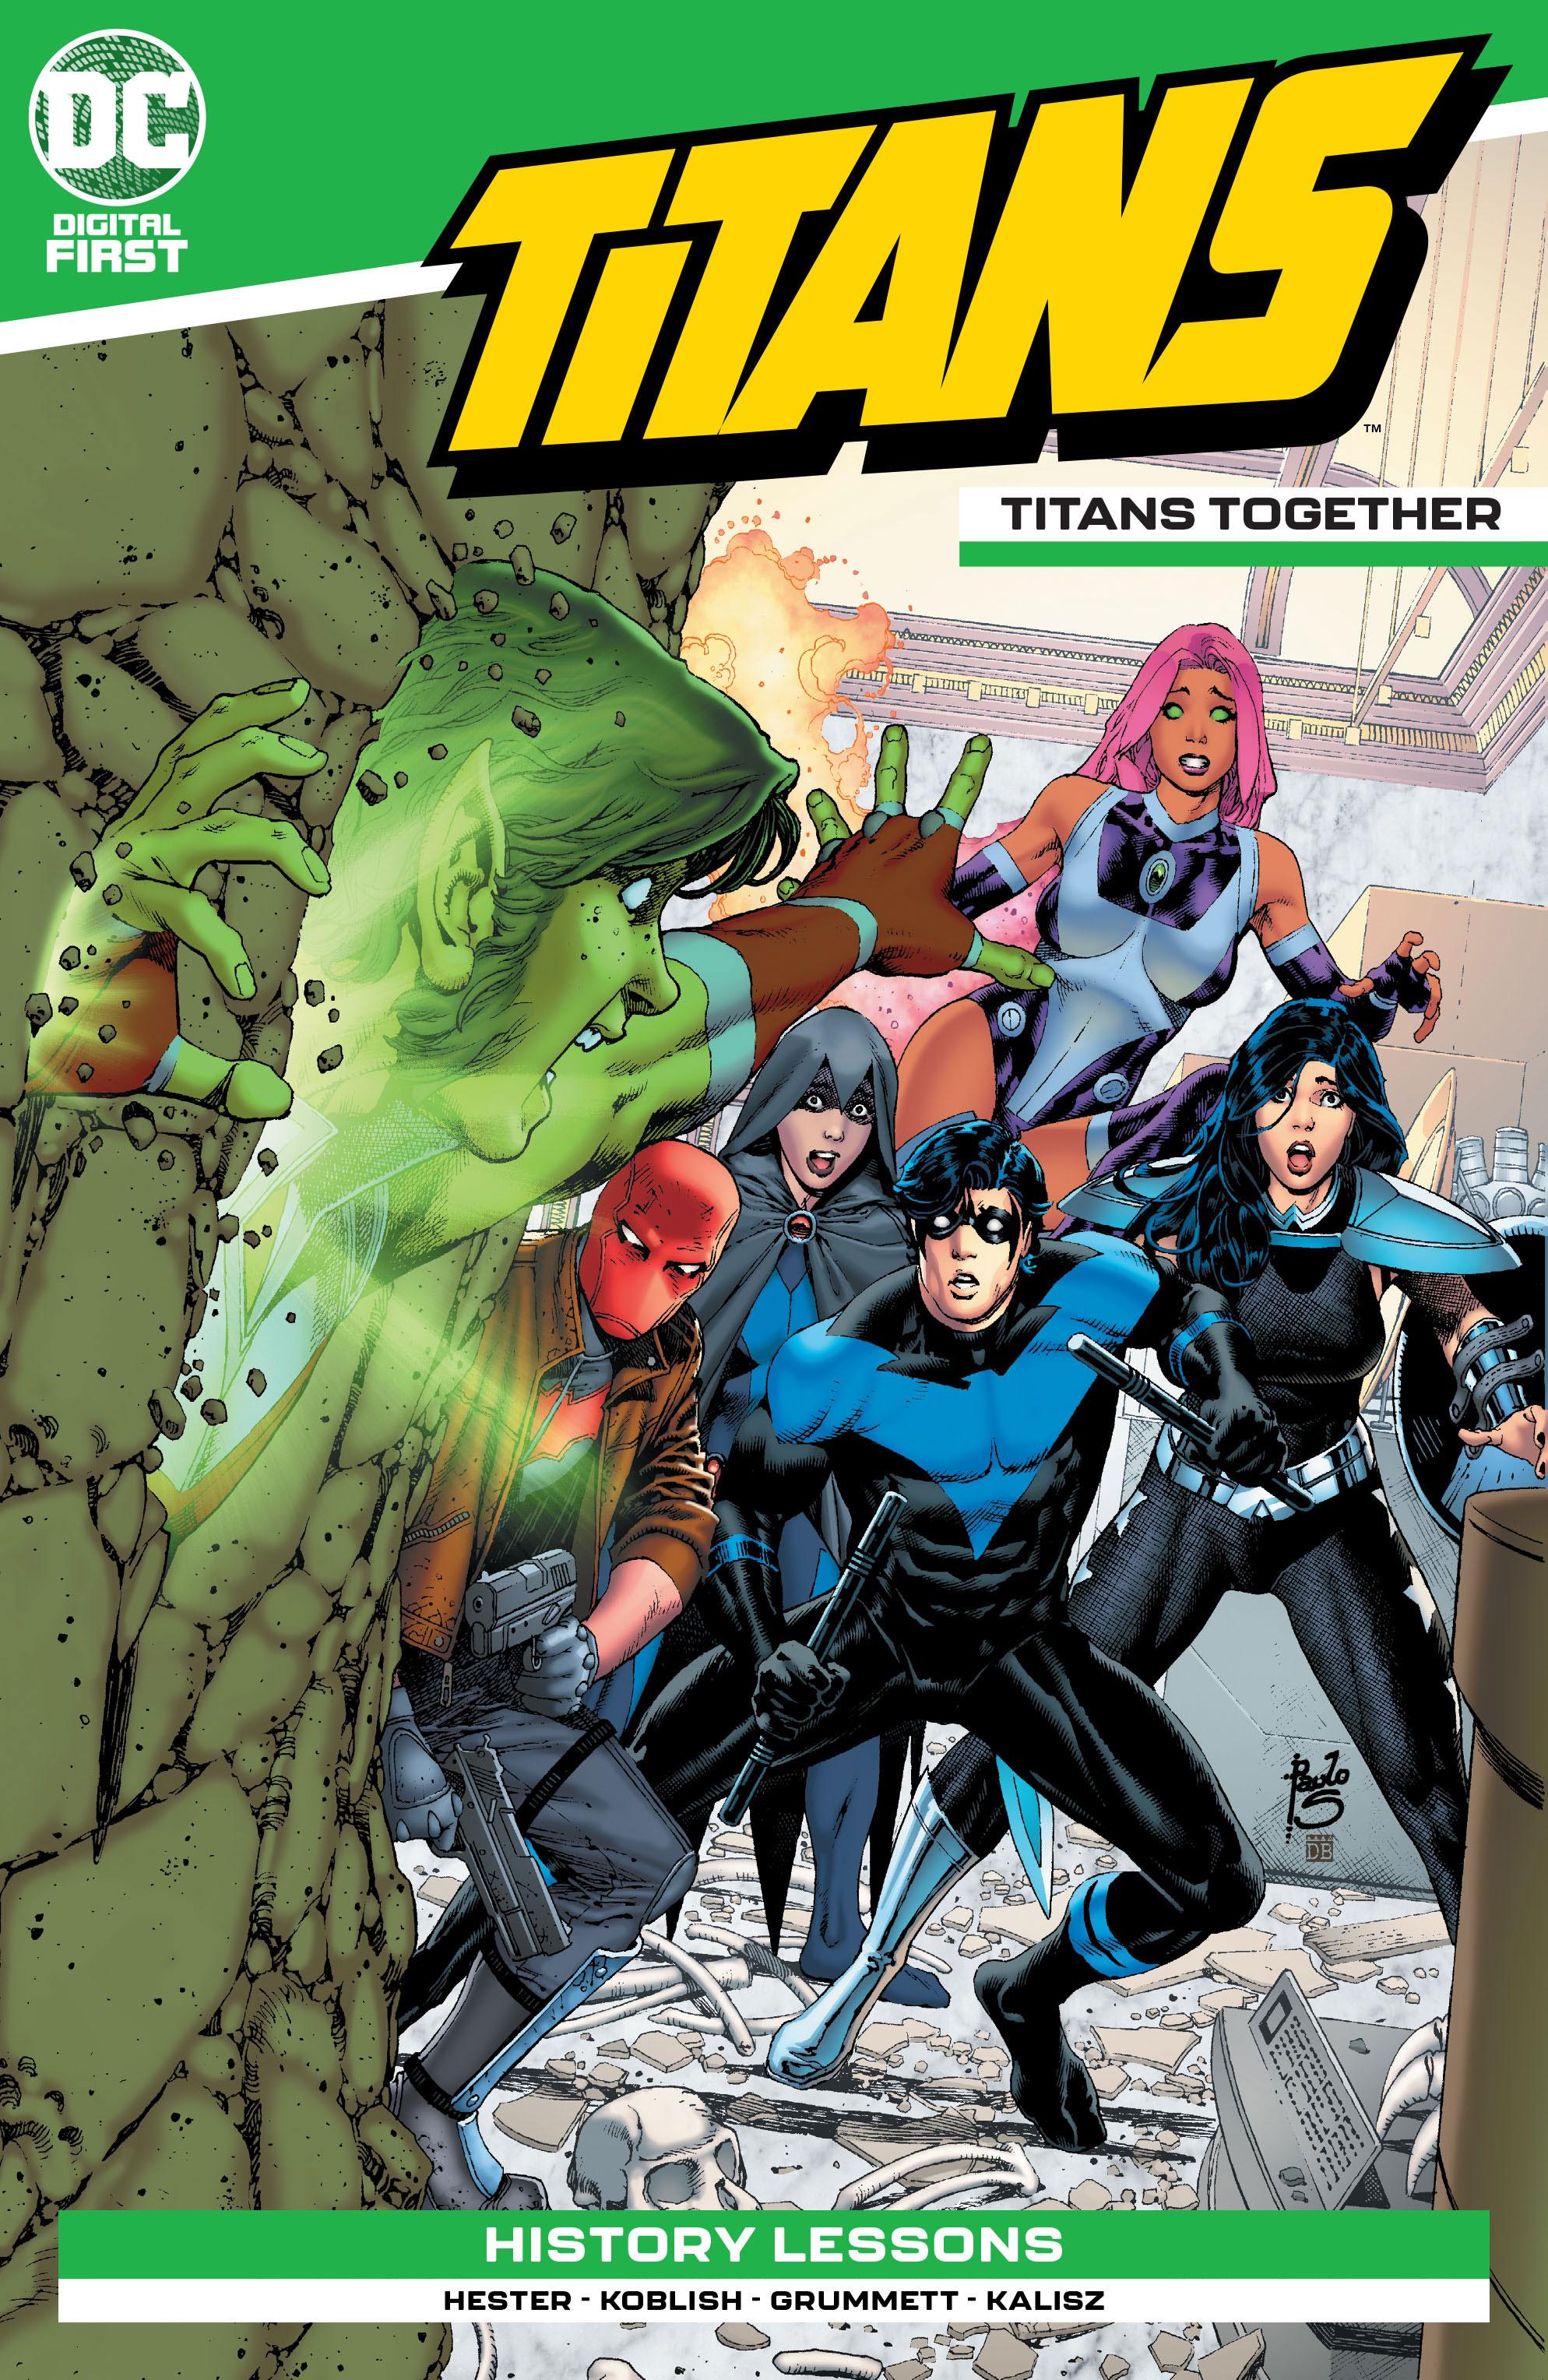 TITANS-TITANS-TOGETHER-Cv1